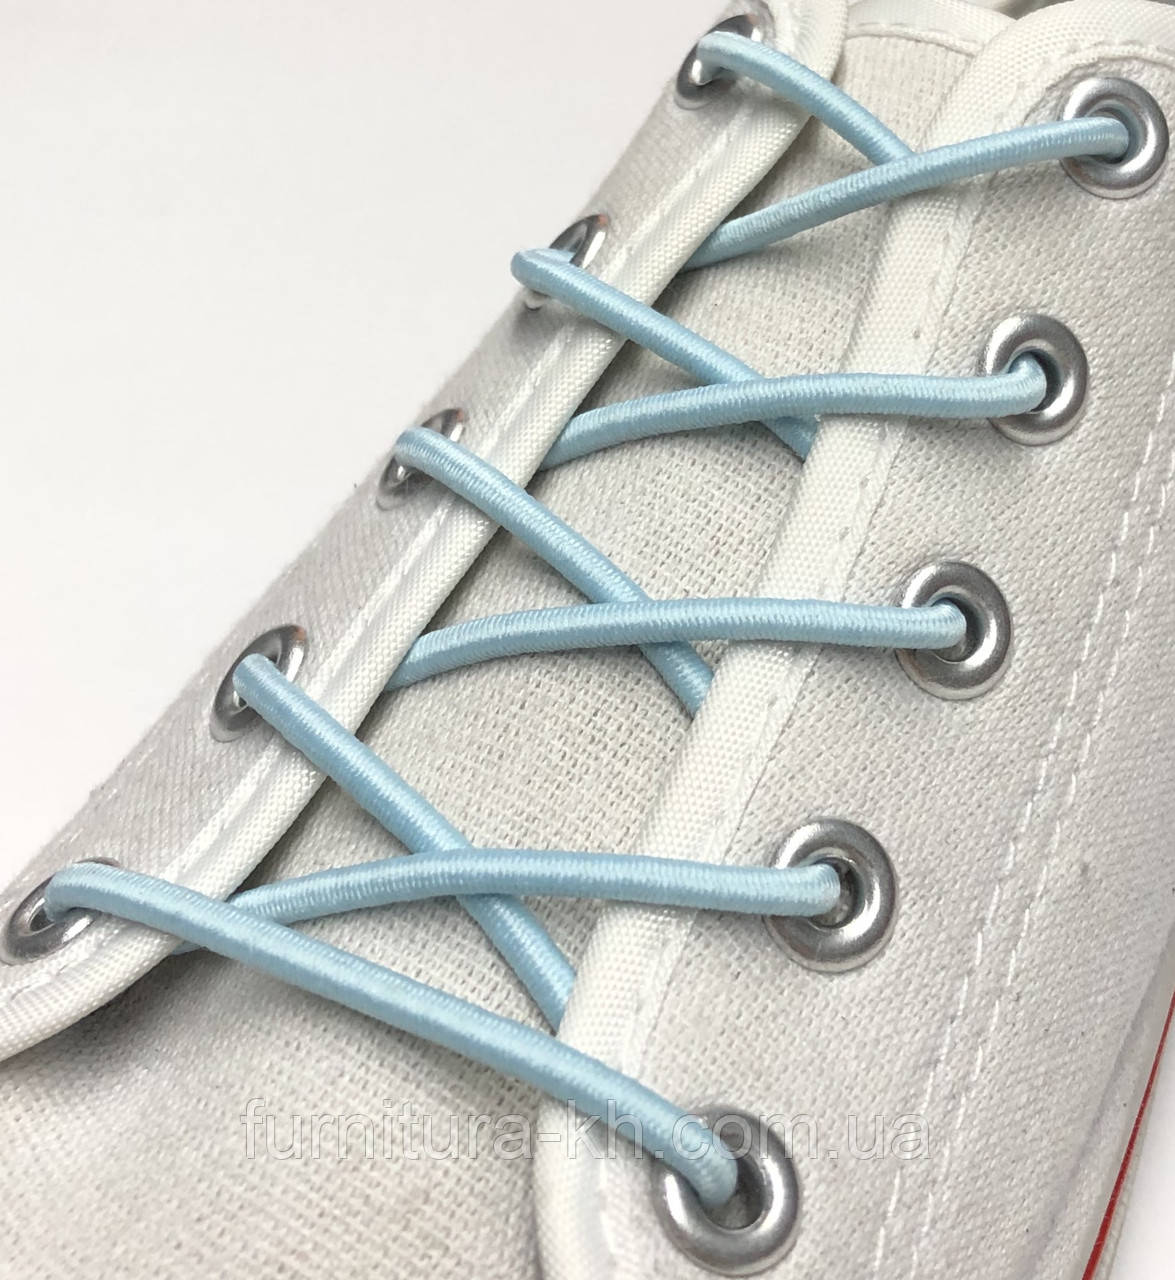 Шнурок Резиновый Круглый-Цвет Голубой (толщина 3 мм).Длинна 1 метр